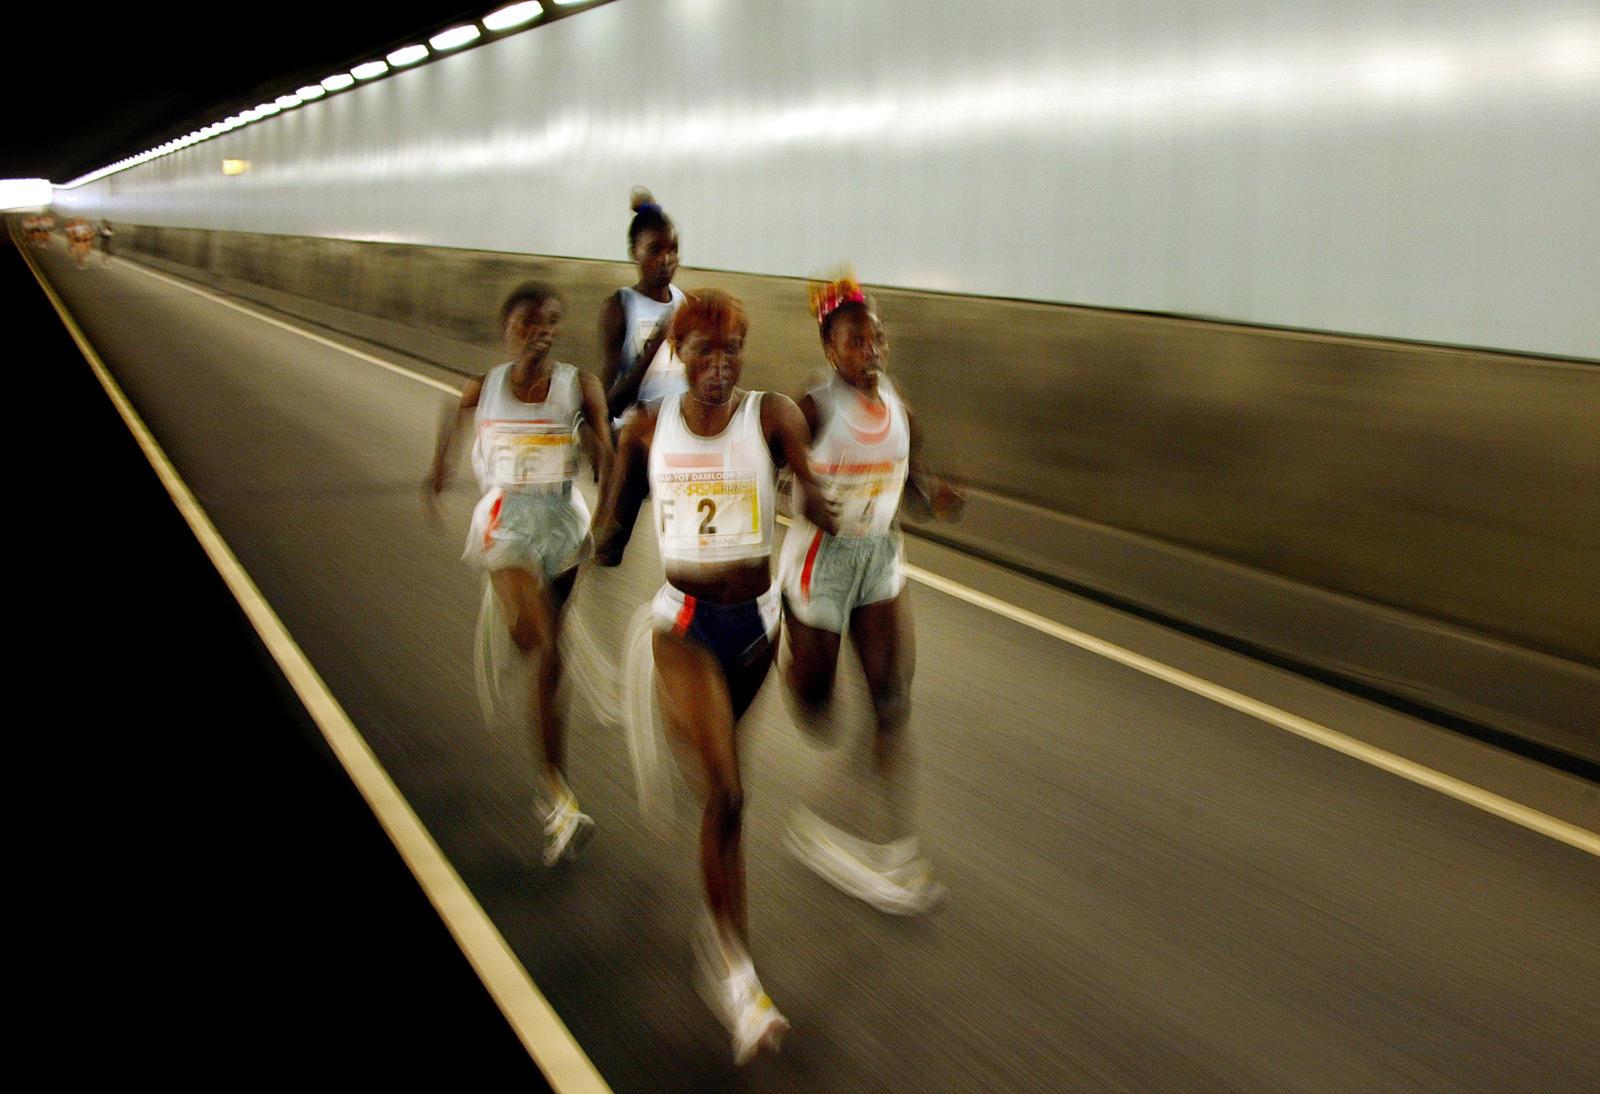 foto: © Bastiaan Heus - Dam tot Damloop, vier dames rennend door tunnel